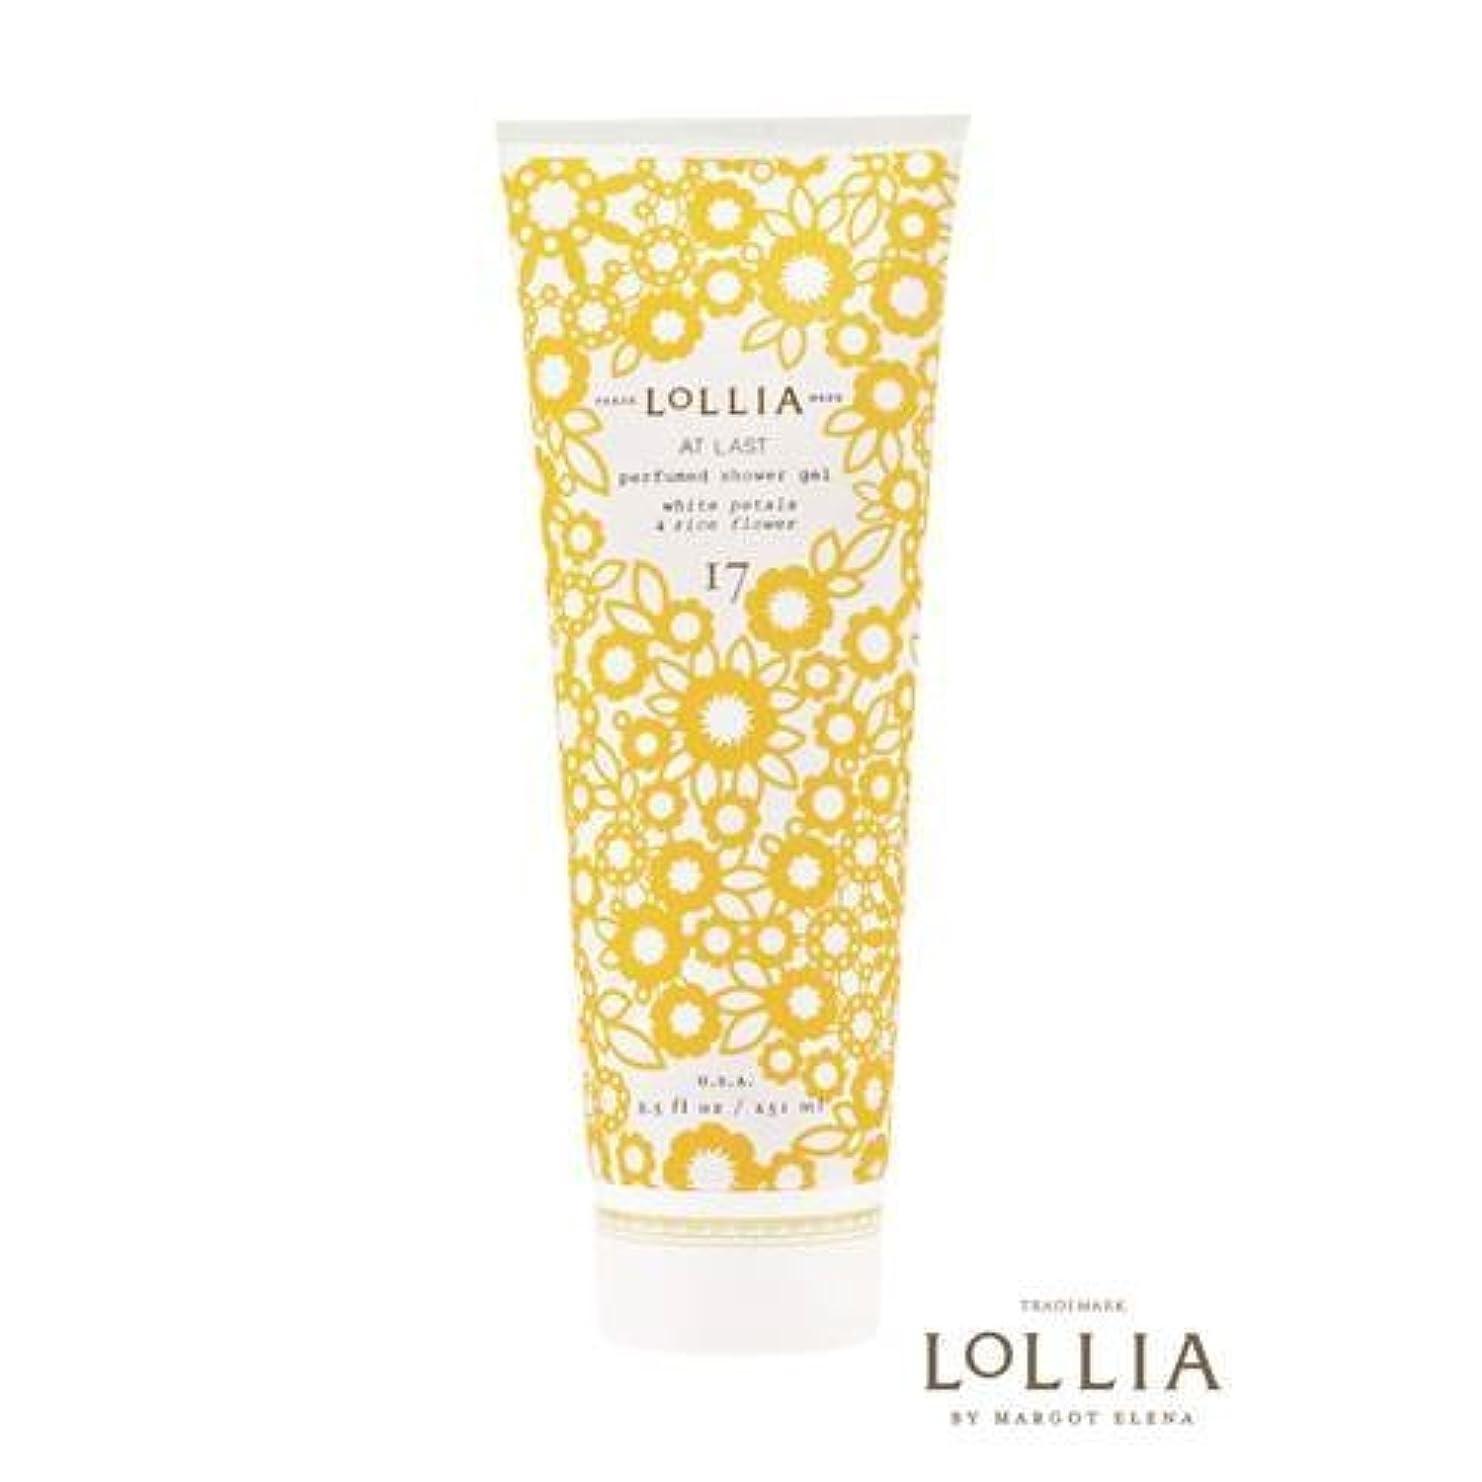 落胆した旋律的燃やすロリア(LoLLIA) パフュームドシャワージェル AtLast 251ml(全身用洗浄料 ボディーソープ ライスフラワー、マグノリアとミモザの柔らかな花々の香り)